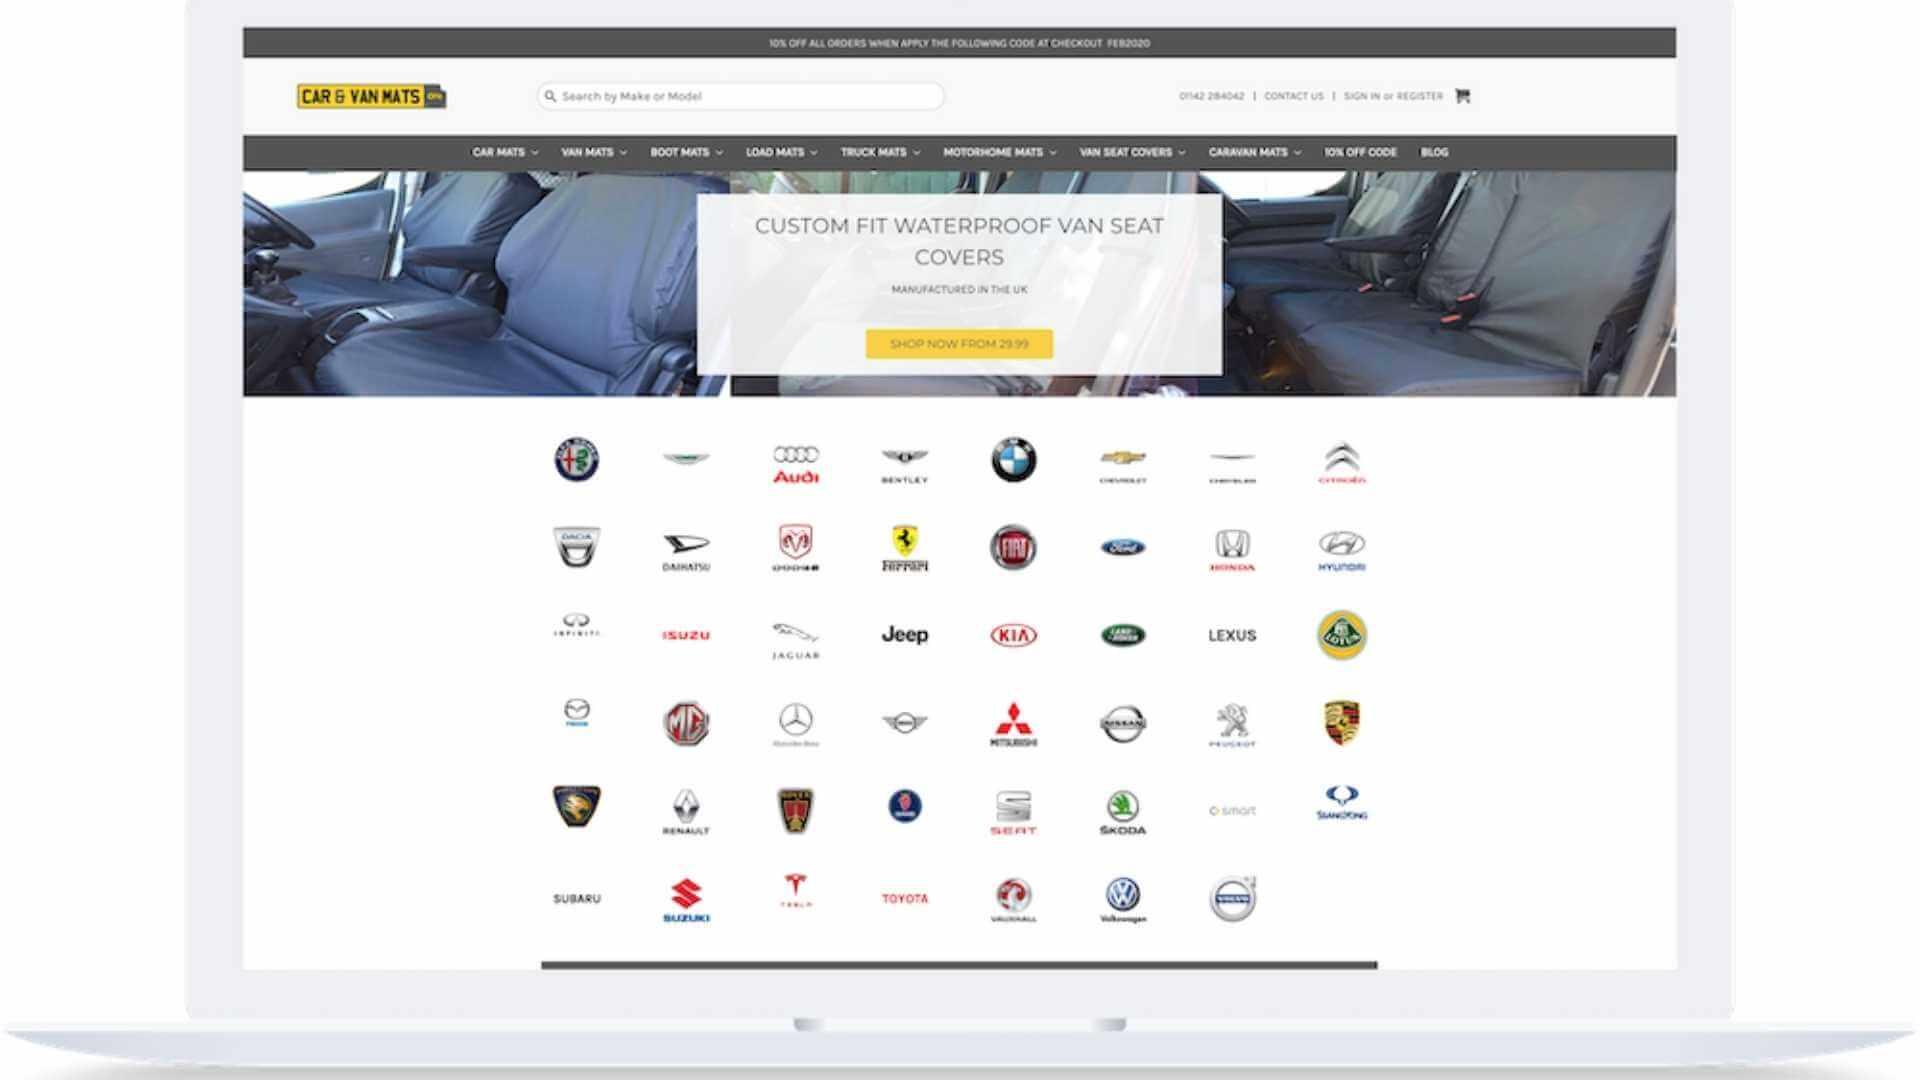 Obtendrá beneficios como Asesoría proactiva, capacitación constante y las mejores prácticas de la industria con ClandBus